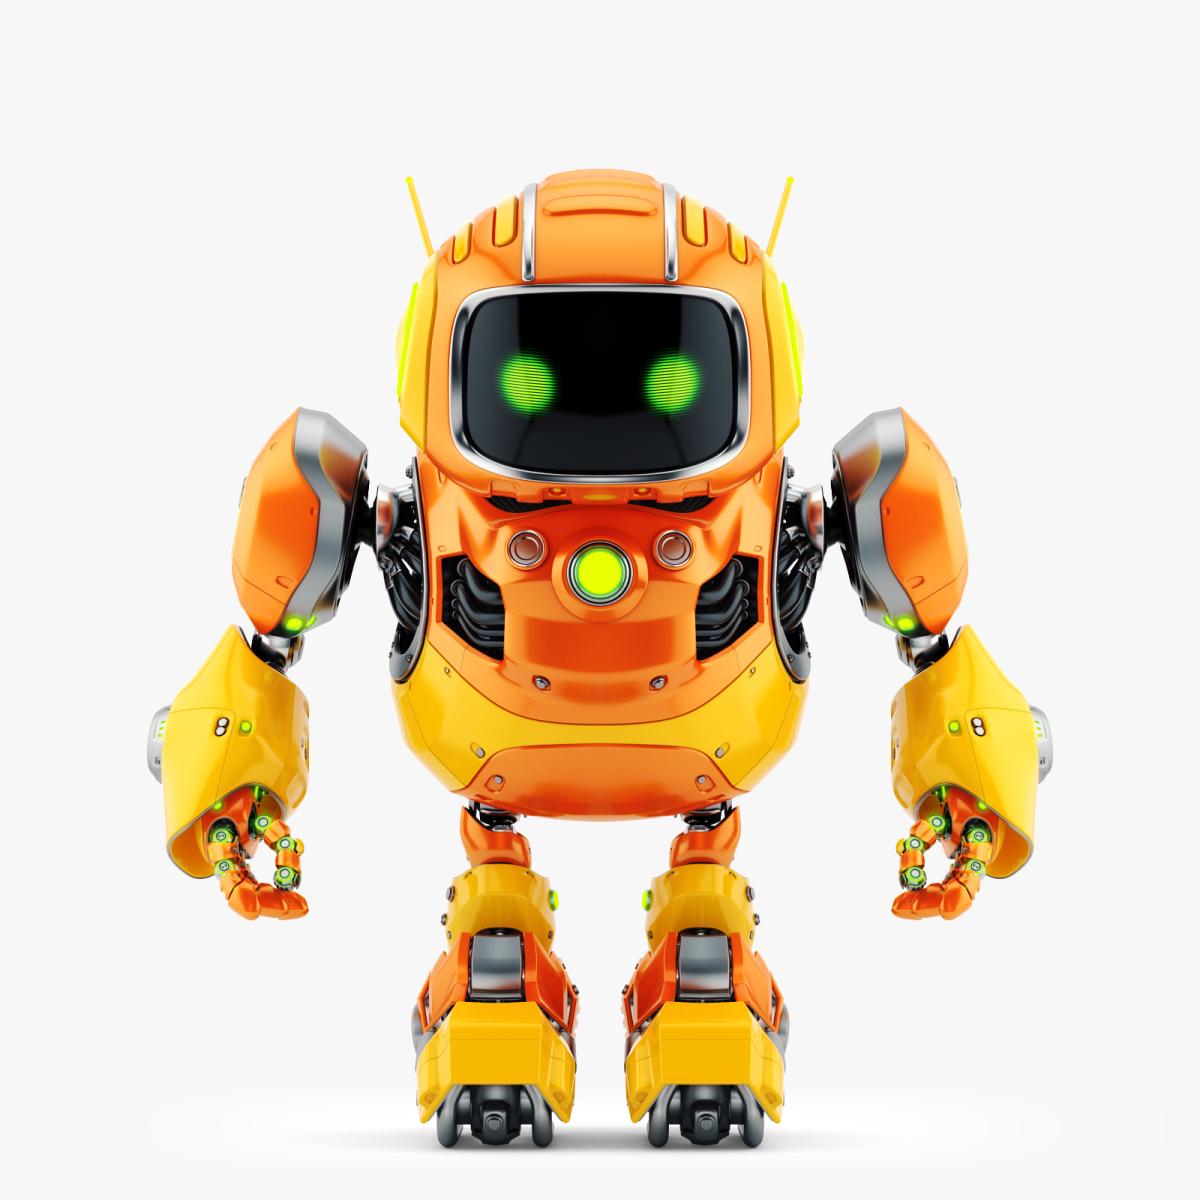 HUGE CUTE ROBOT II 01